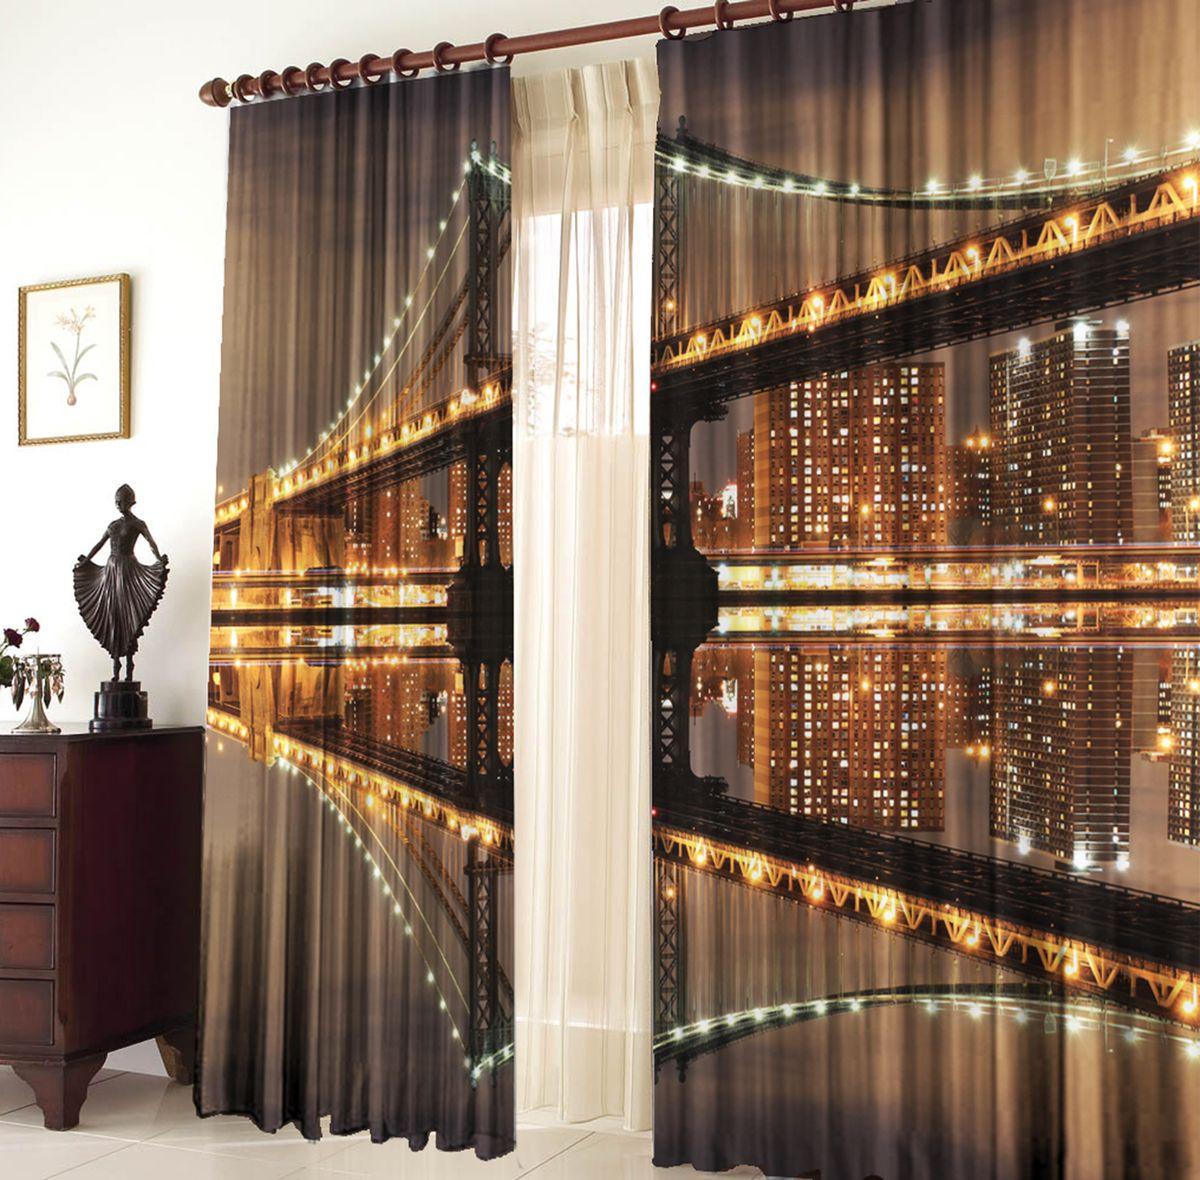 Комплект фотоштор Zlata Korunka Мост, на ленте, высота 270 см21298Комплект фотоштор Zlata Korunka изготовлен из габардиновой ткани высочайшего качества. Фотошторы способны не пропускать самый яркий свет, их можно гладить и стирать. Рекомендации по уходу: бережная стирка при 30°С, деликатный отжим, отбеливание запрещено, гладить при температуре не более 150°С. Светопоглощение 70%. Плотность ткани: 150 г/м2. Оттенок изделия может отличаться от представленного на сайте в силу особенностей цветопередачи фототехники и вашего монитора.